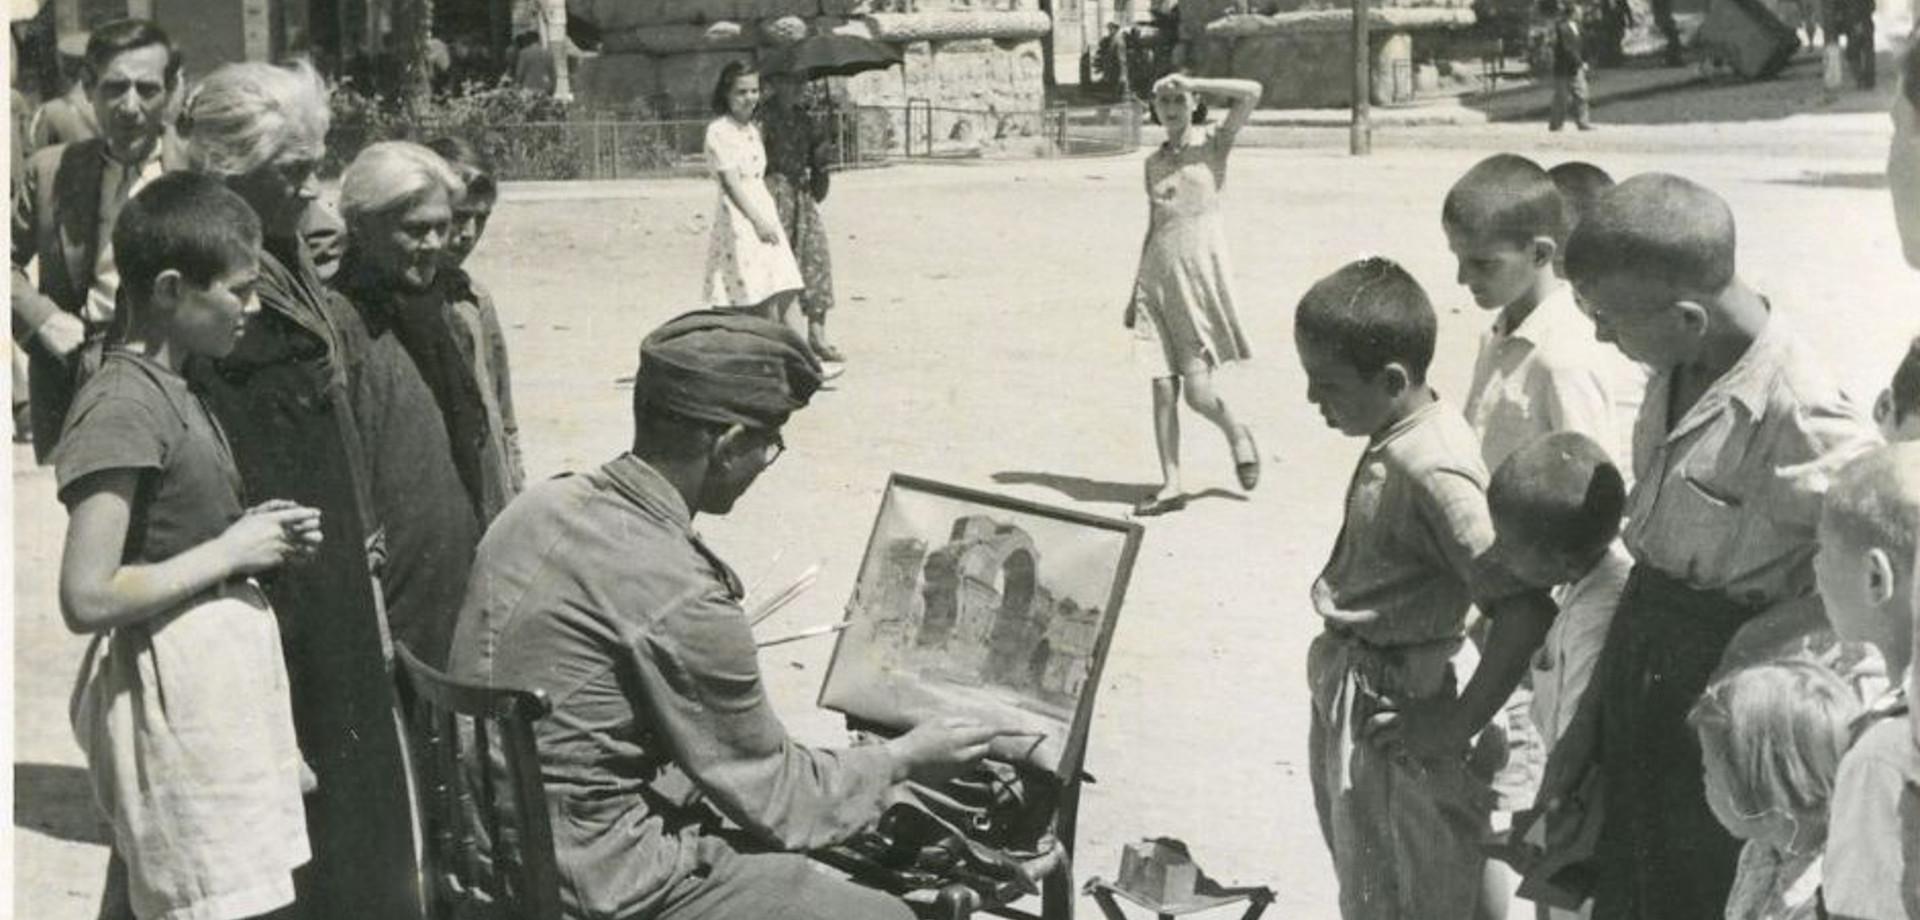 Στο περιθώριο του πολέμου: Η Θεσσαλονίκη της Κατοχής (1941-1944)